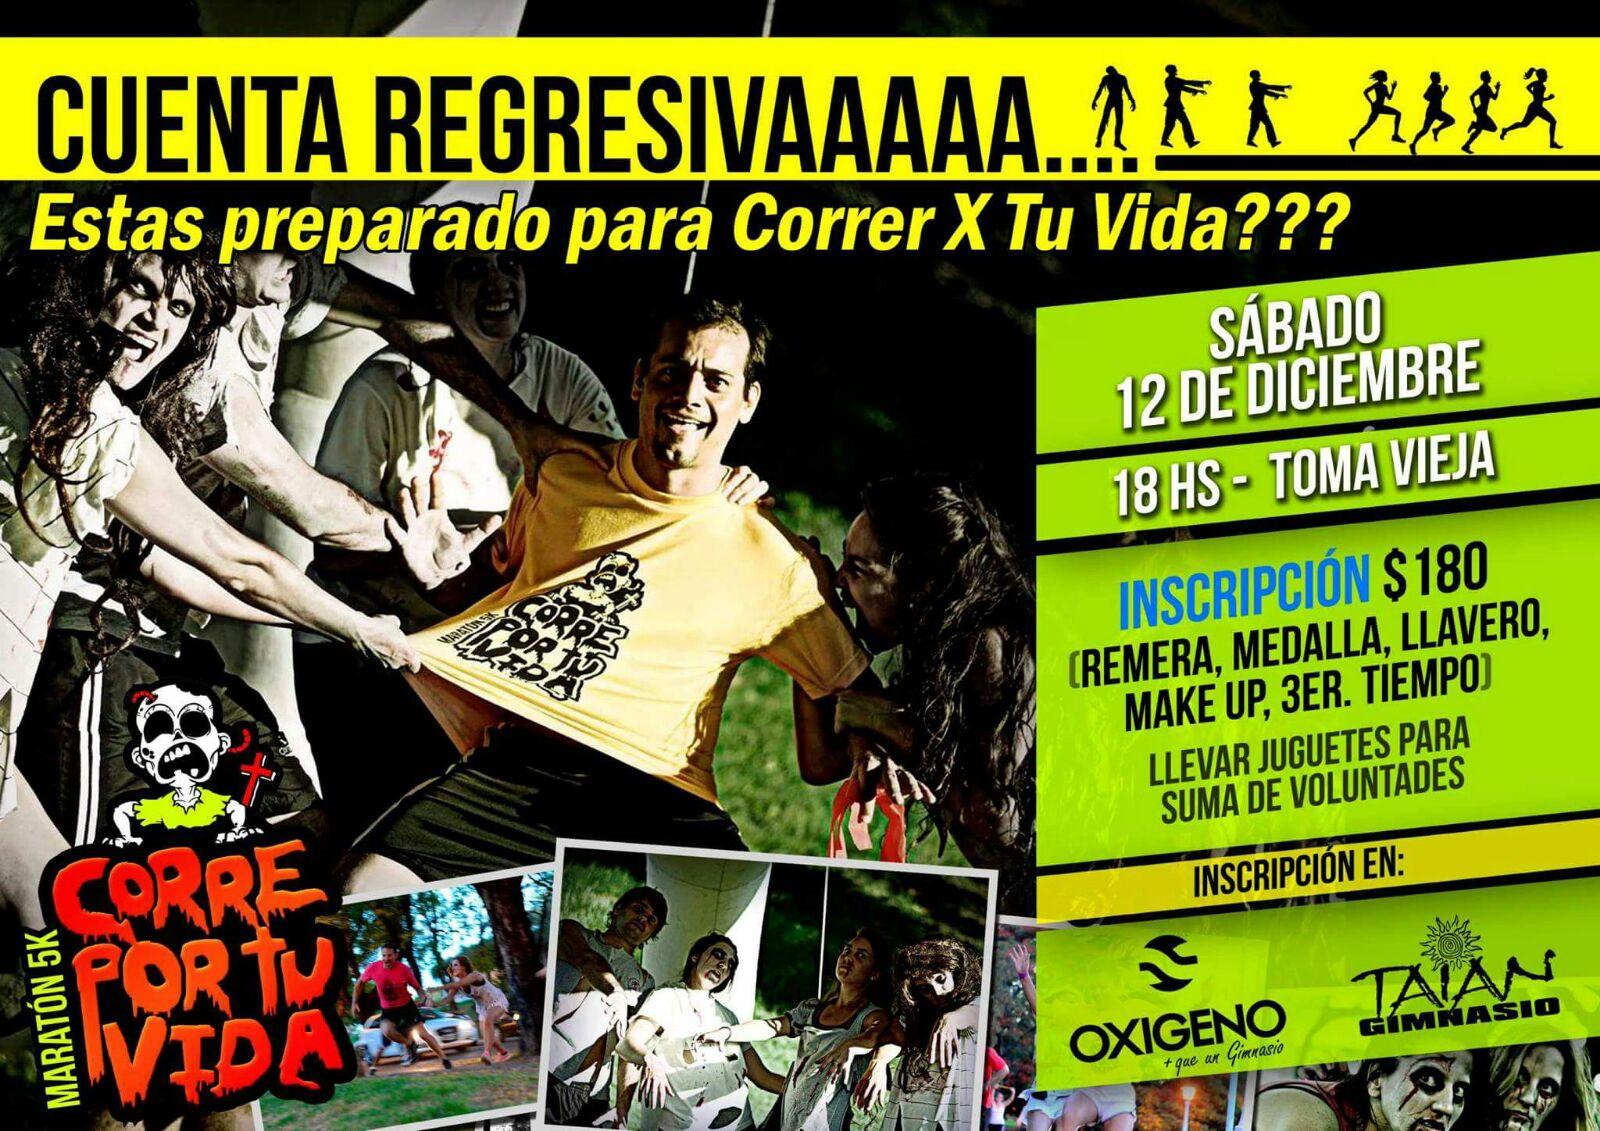 Estás preparado para Correr X Tu Vida???